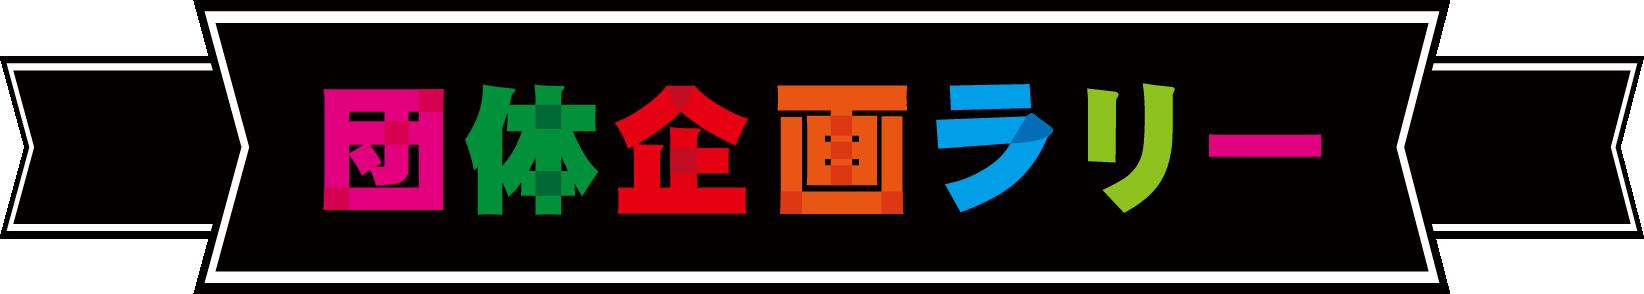 rally_logo